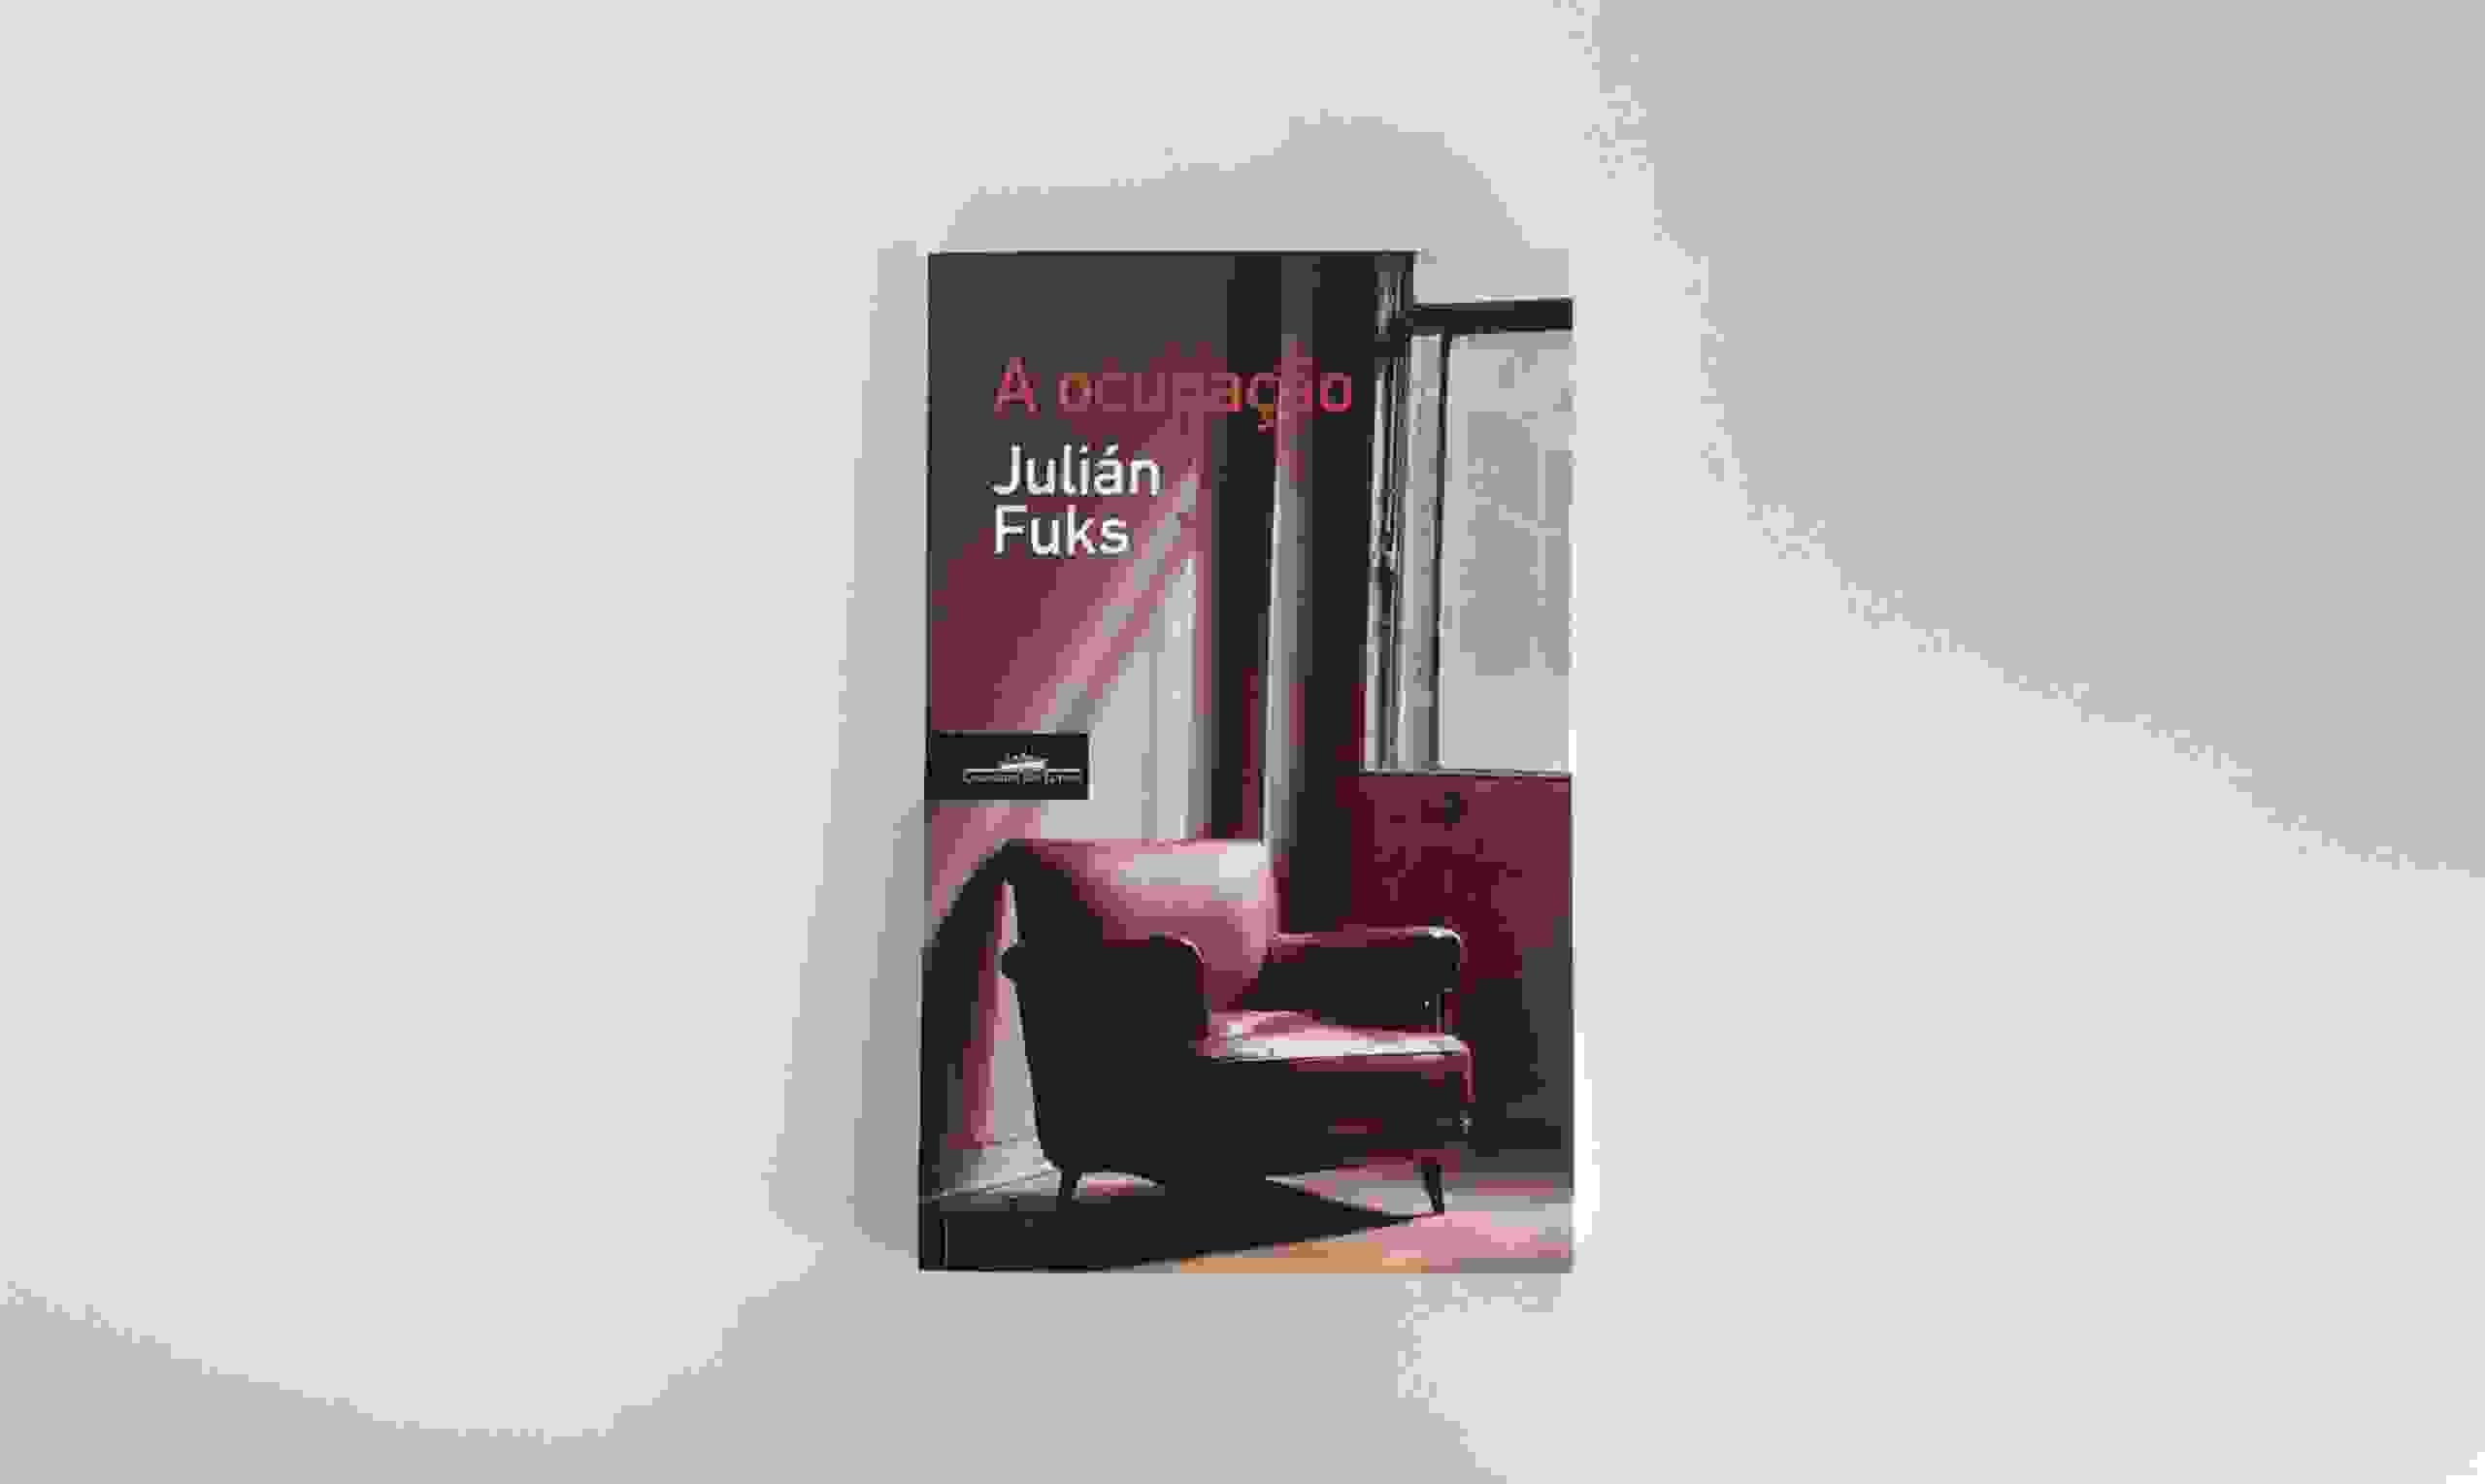 Julián Fuks e a literatura de intervenção